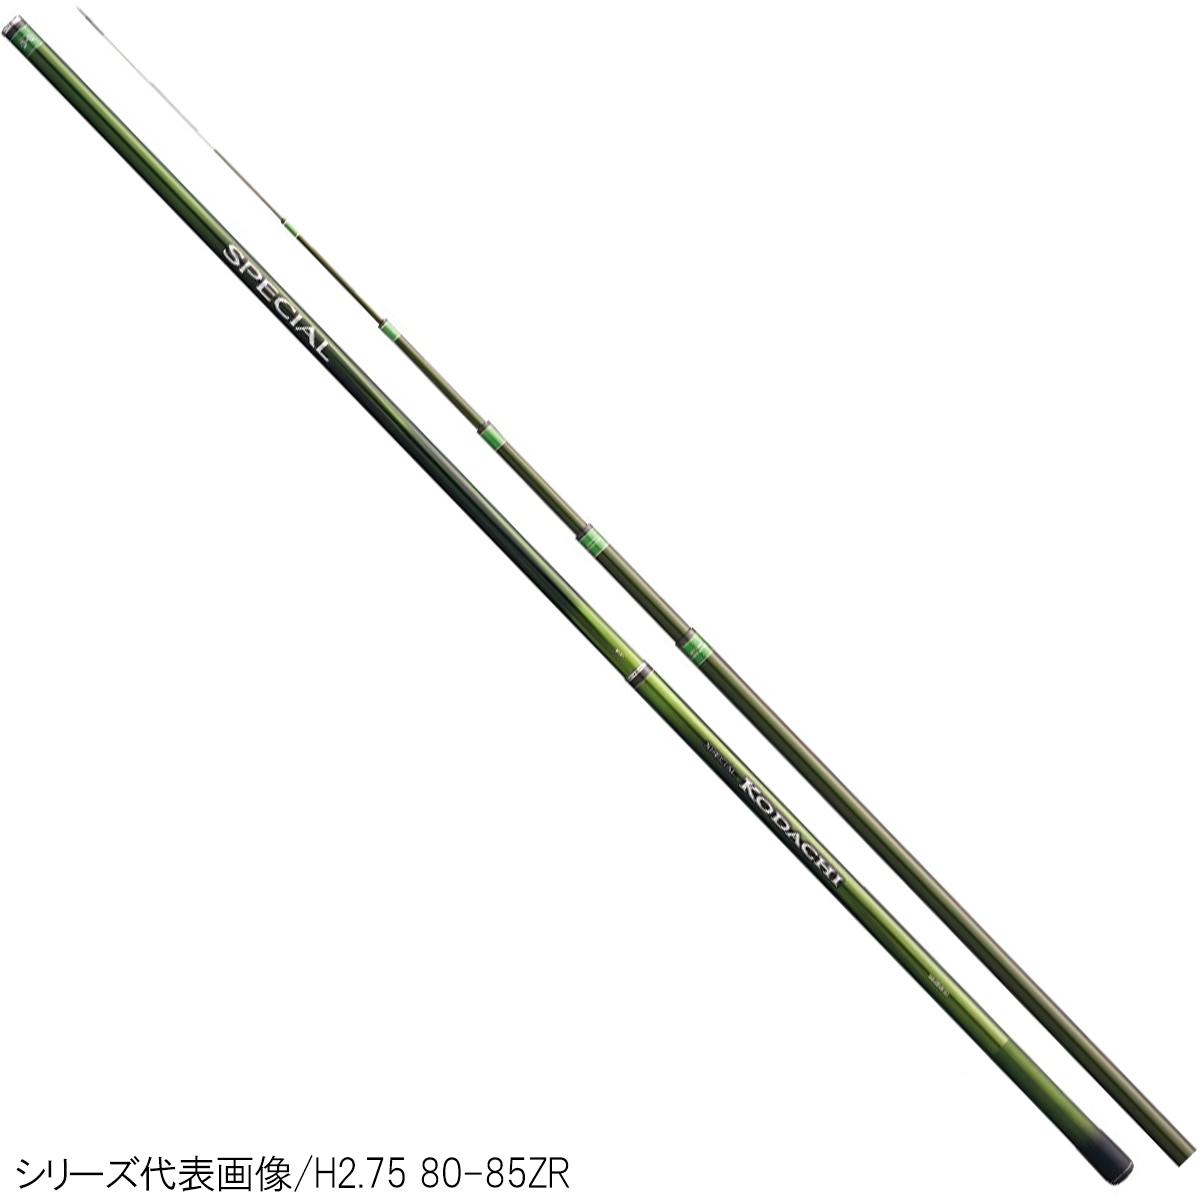 スペシャル小太刀(こだち) H2.75 75-80ZR シマノ【同梱不可】